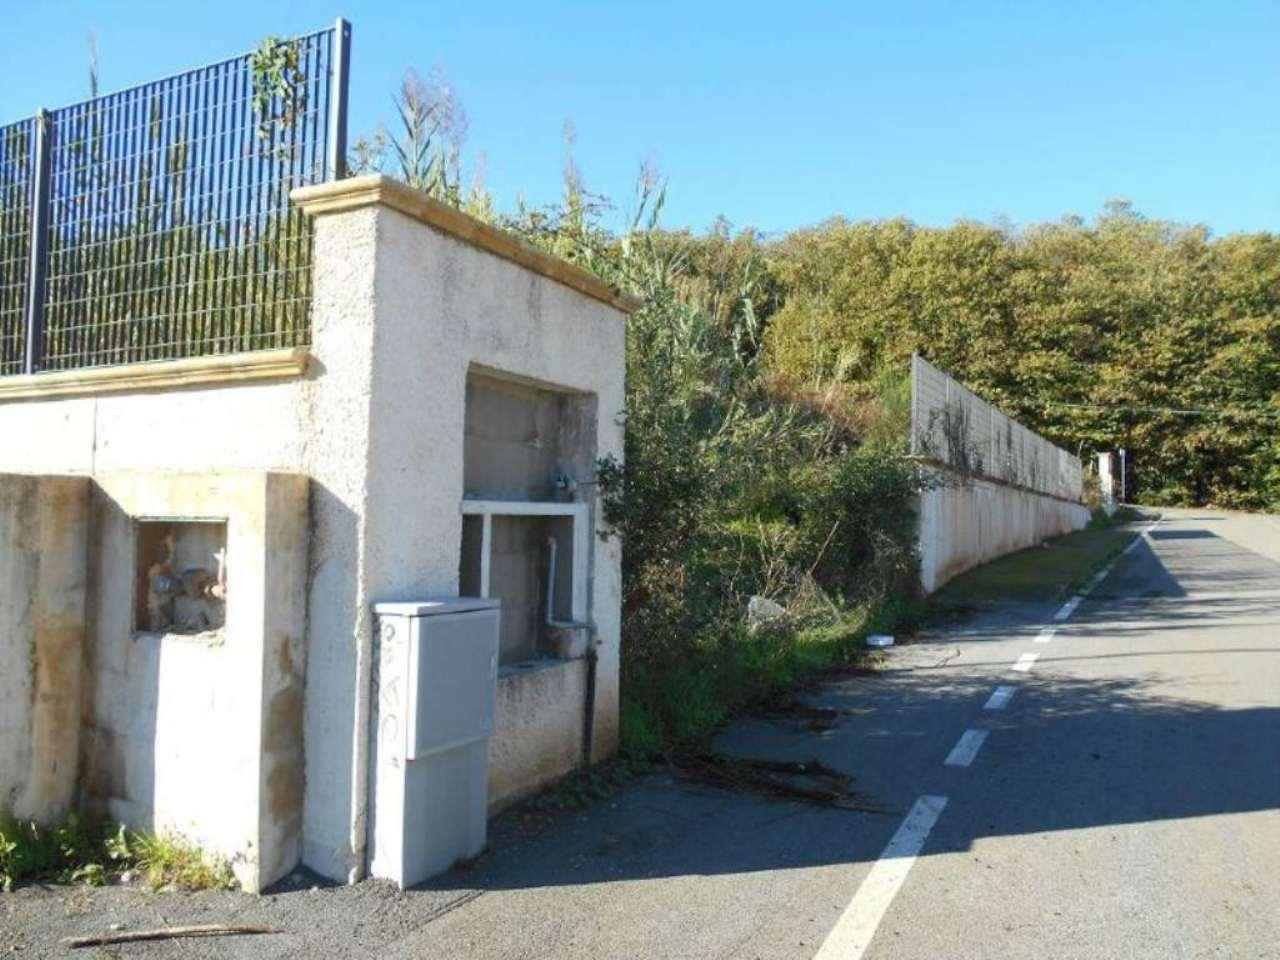 Terreno Edificabile Comm.le/Ind.le in vendita a San Cesareo, 1 locali, Trattative riservate | Cambio Casa.it